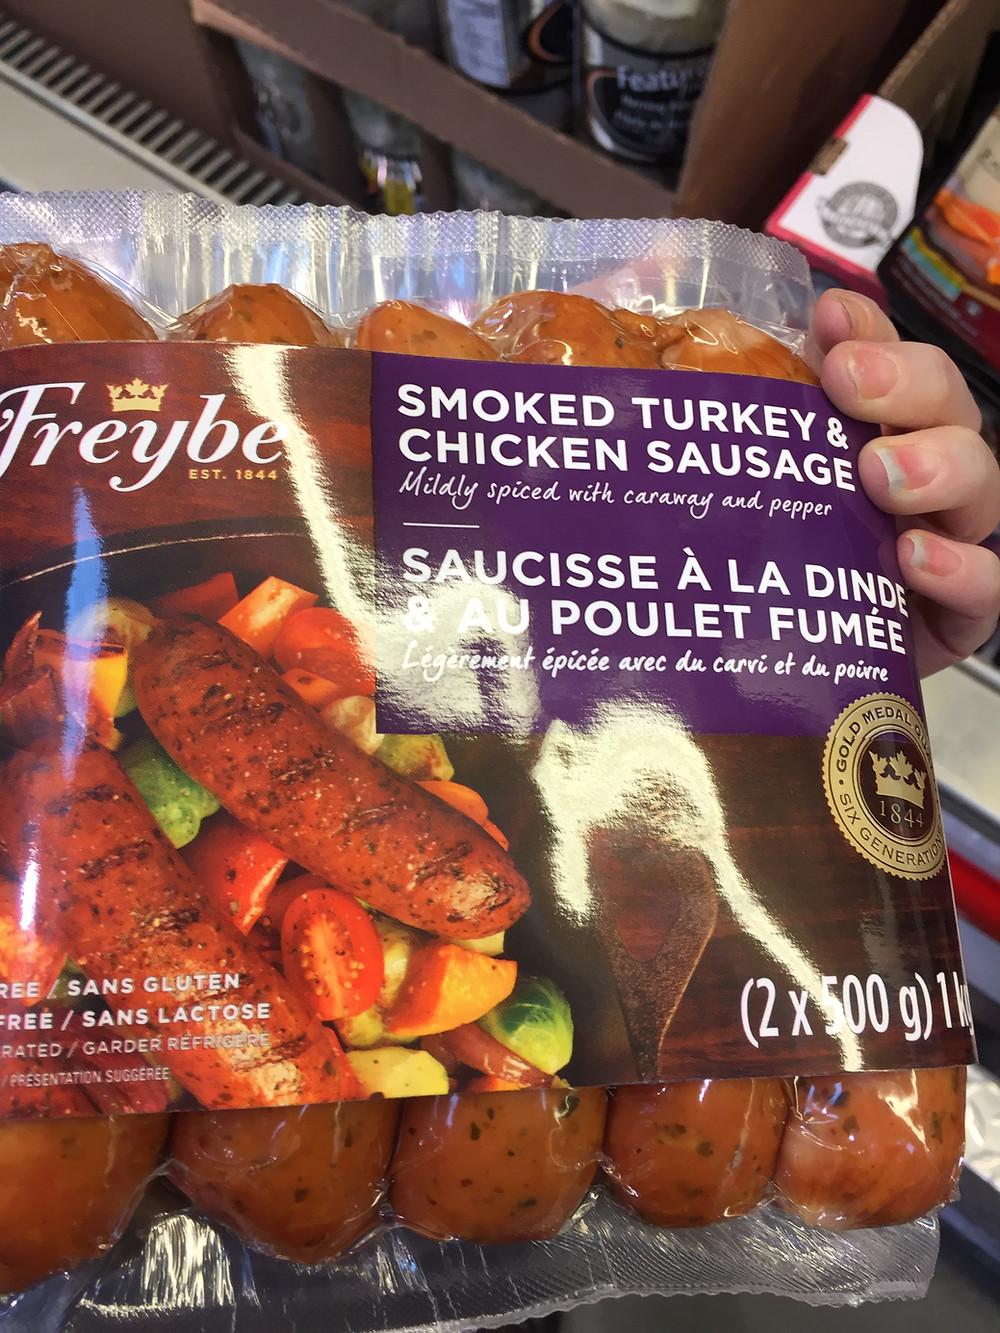 Costco Freybe Smoked Turkey & Chicken Sausage